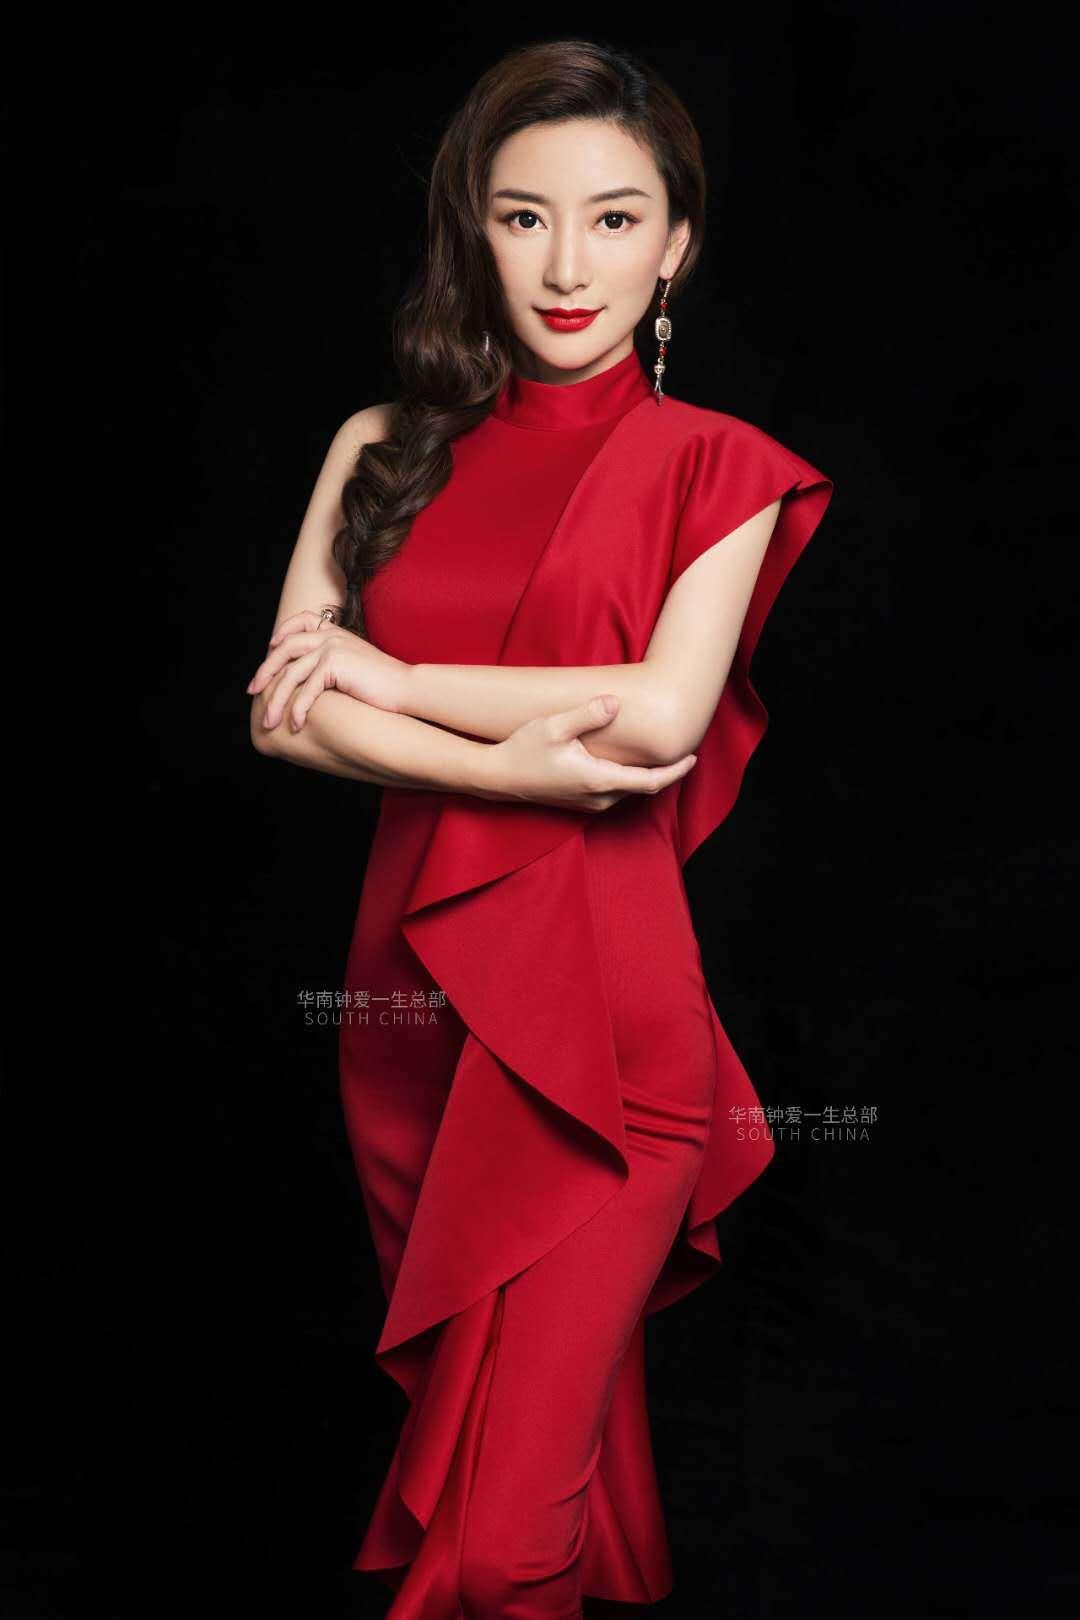 【深圳四店通用】有效期到明年5月,299抢钟爱一生婚纱摄影最美职业照+形象照+登记照,一折抢购,赶紧屯起来。